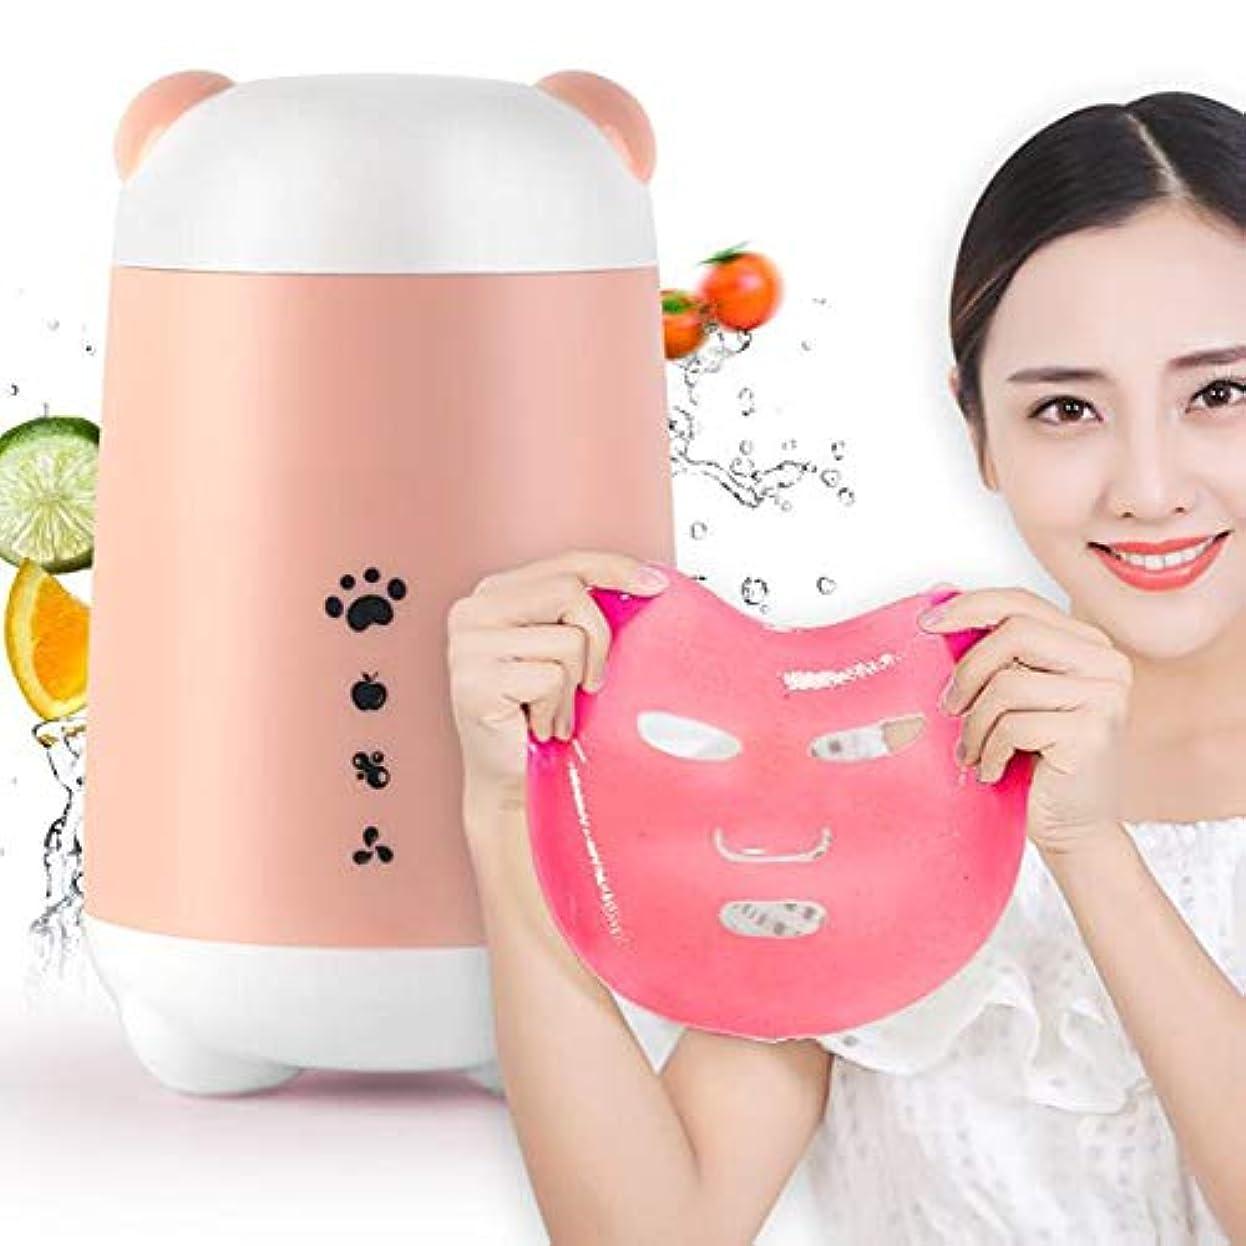 関連する手綱バッテリーフルーツと野菜のマスクを作るマシン、顔のスチーマー完全自動音声プロンプトDIY自家製の自然美容機器,Pink